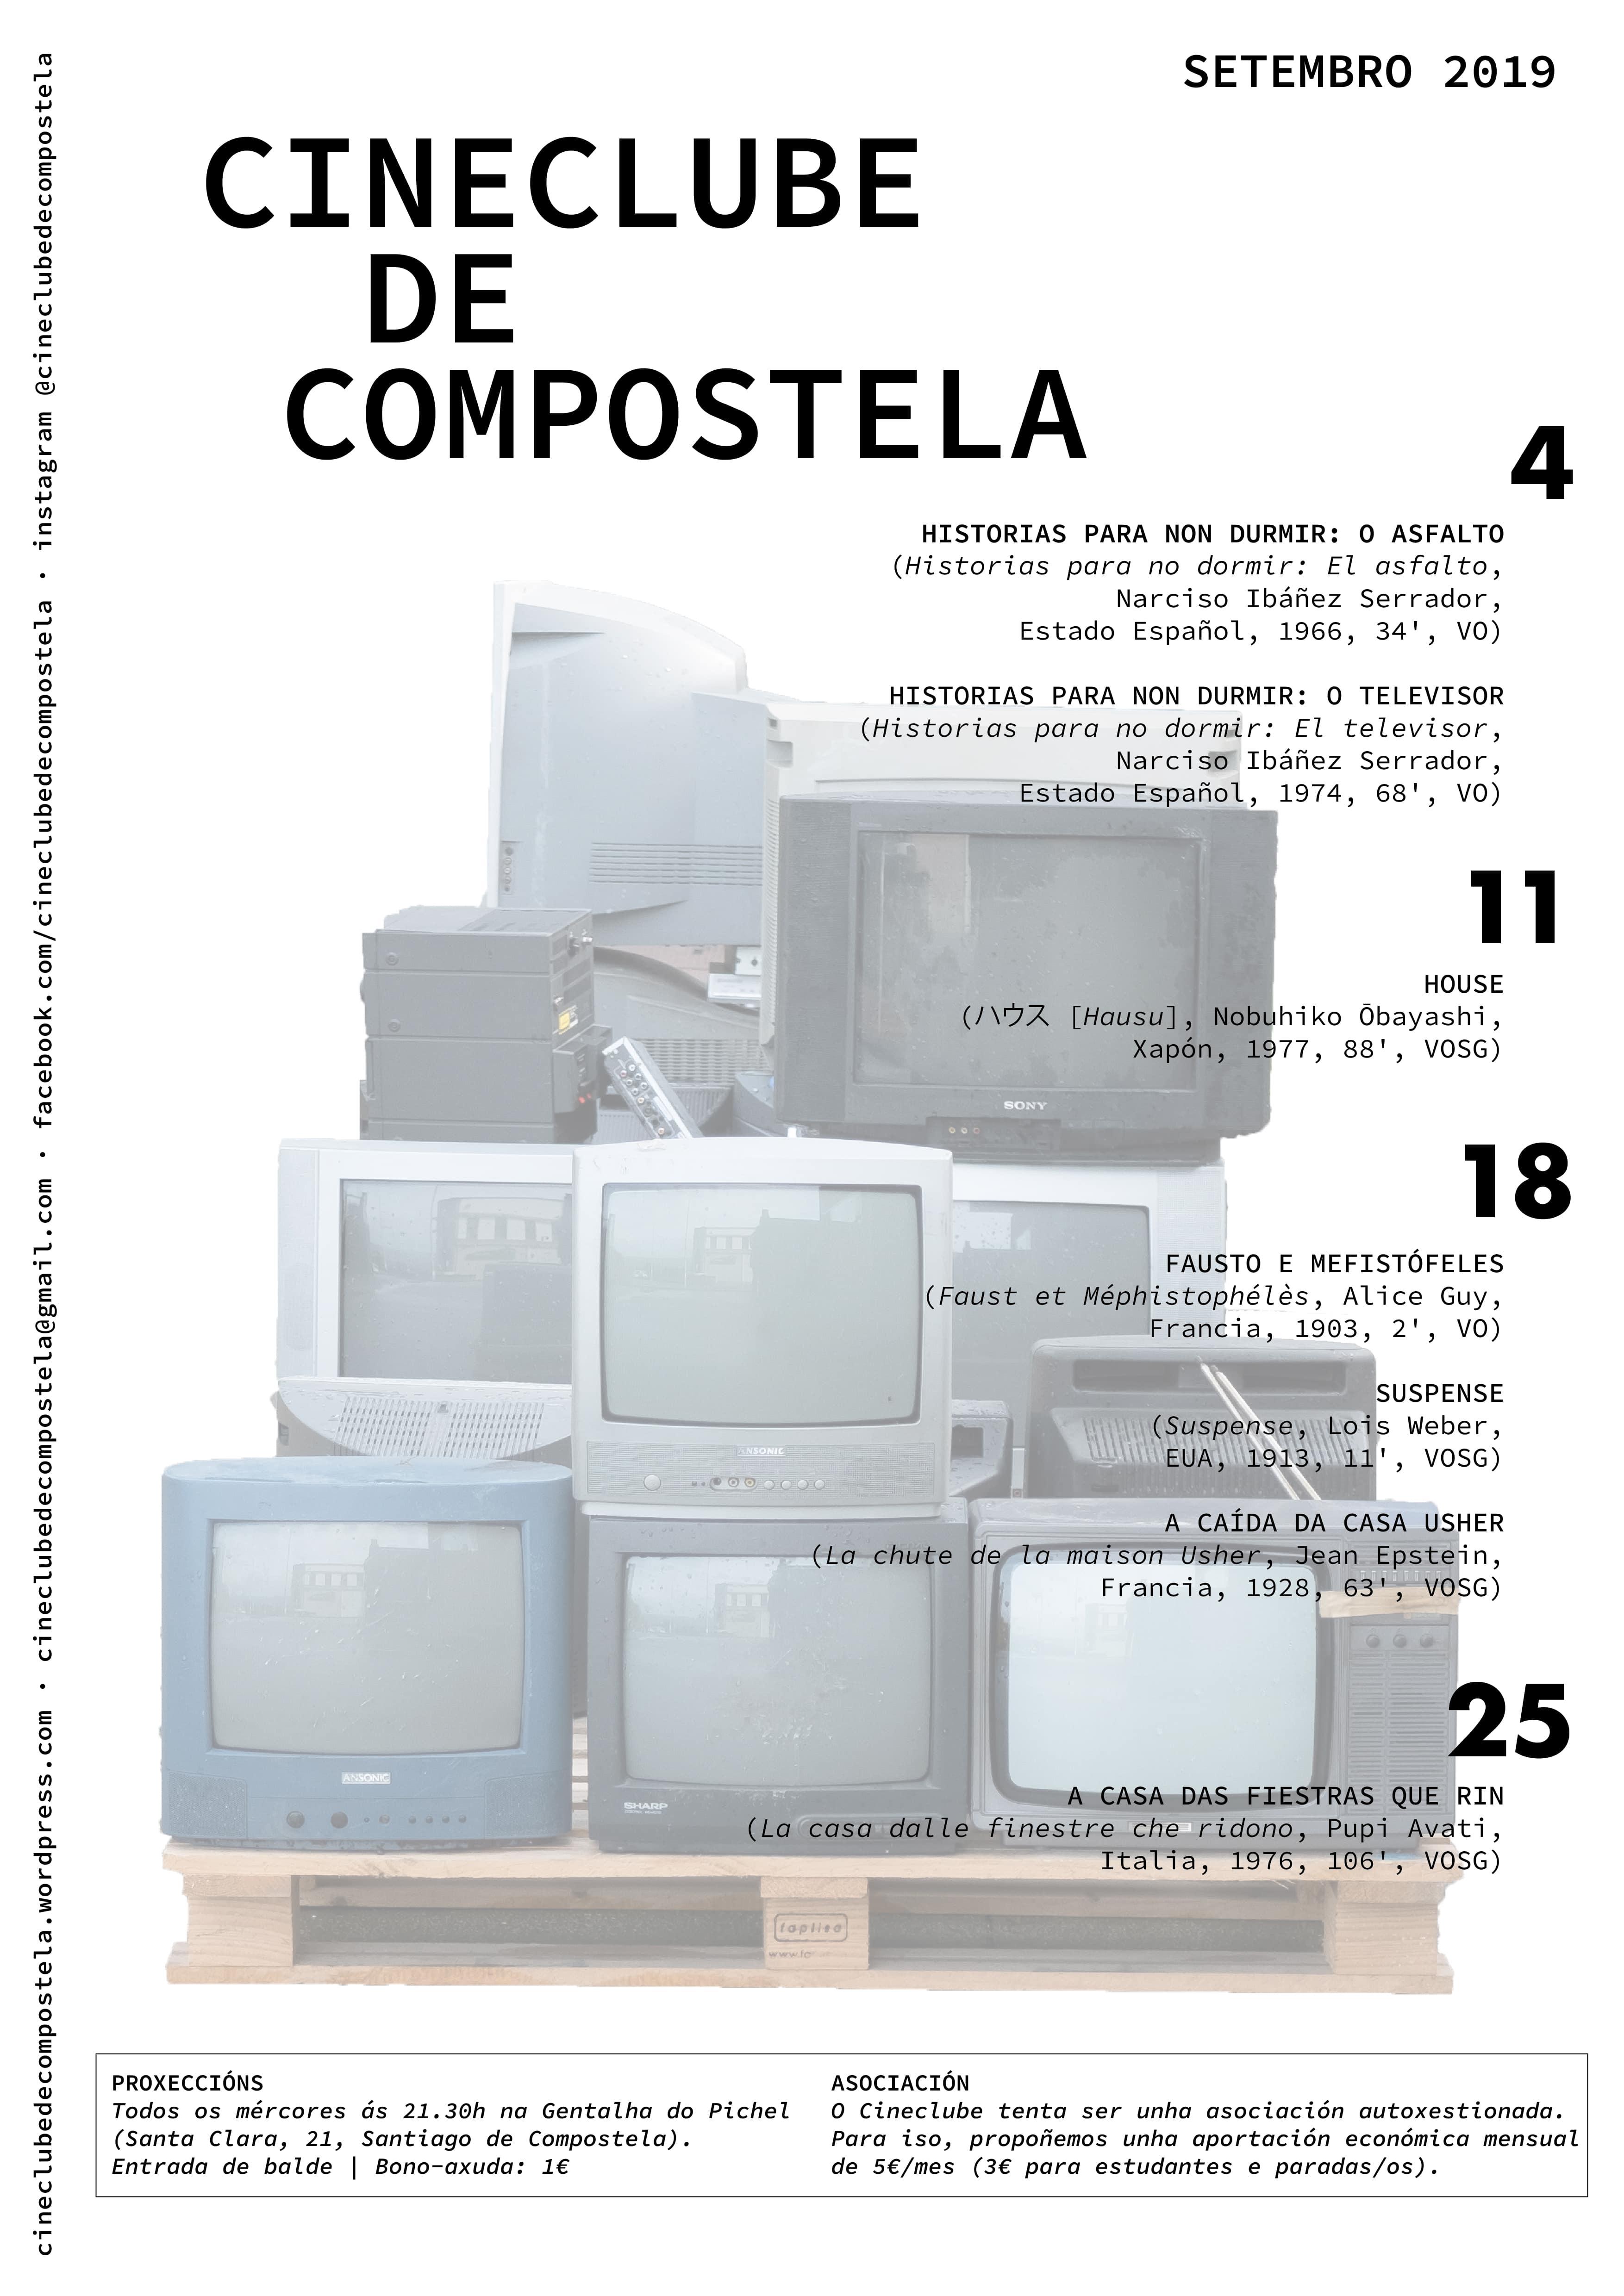 Cineclube de Compostela - cartaz Setembro 2019